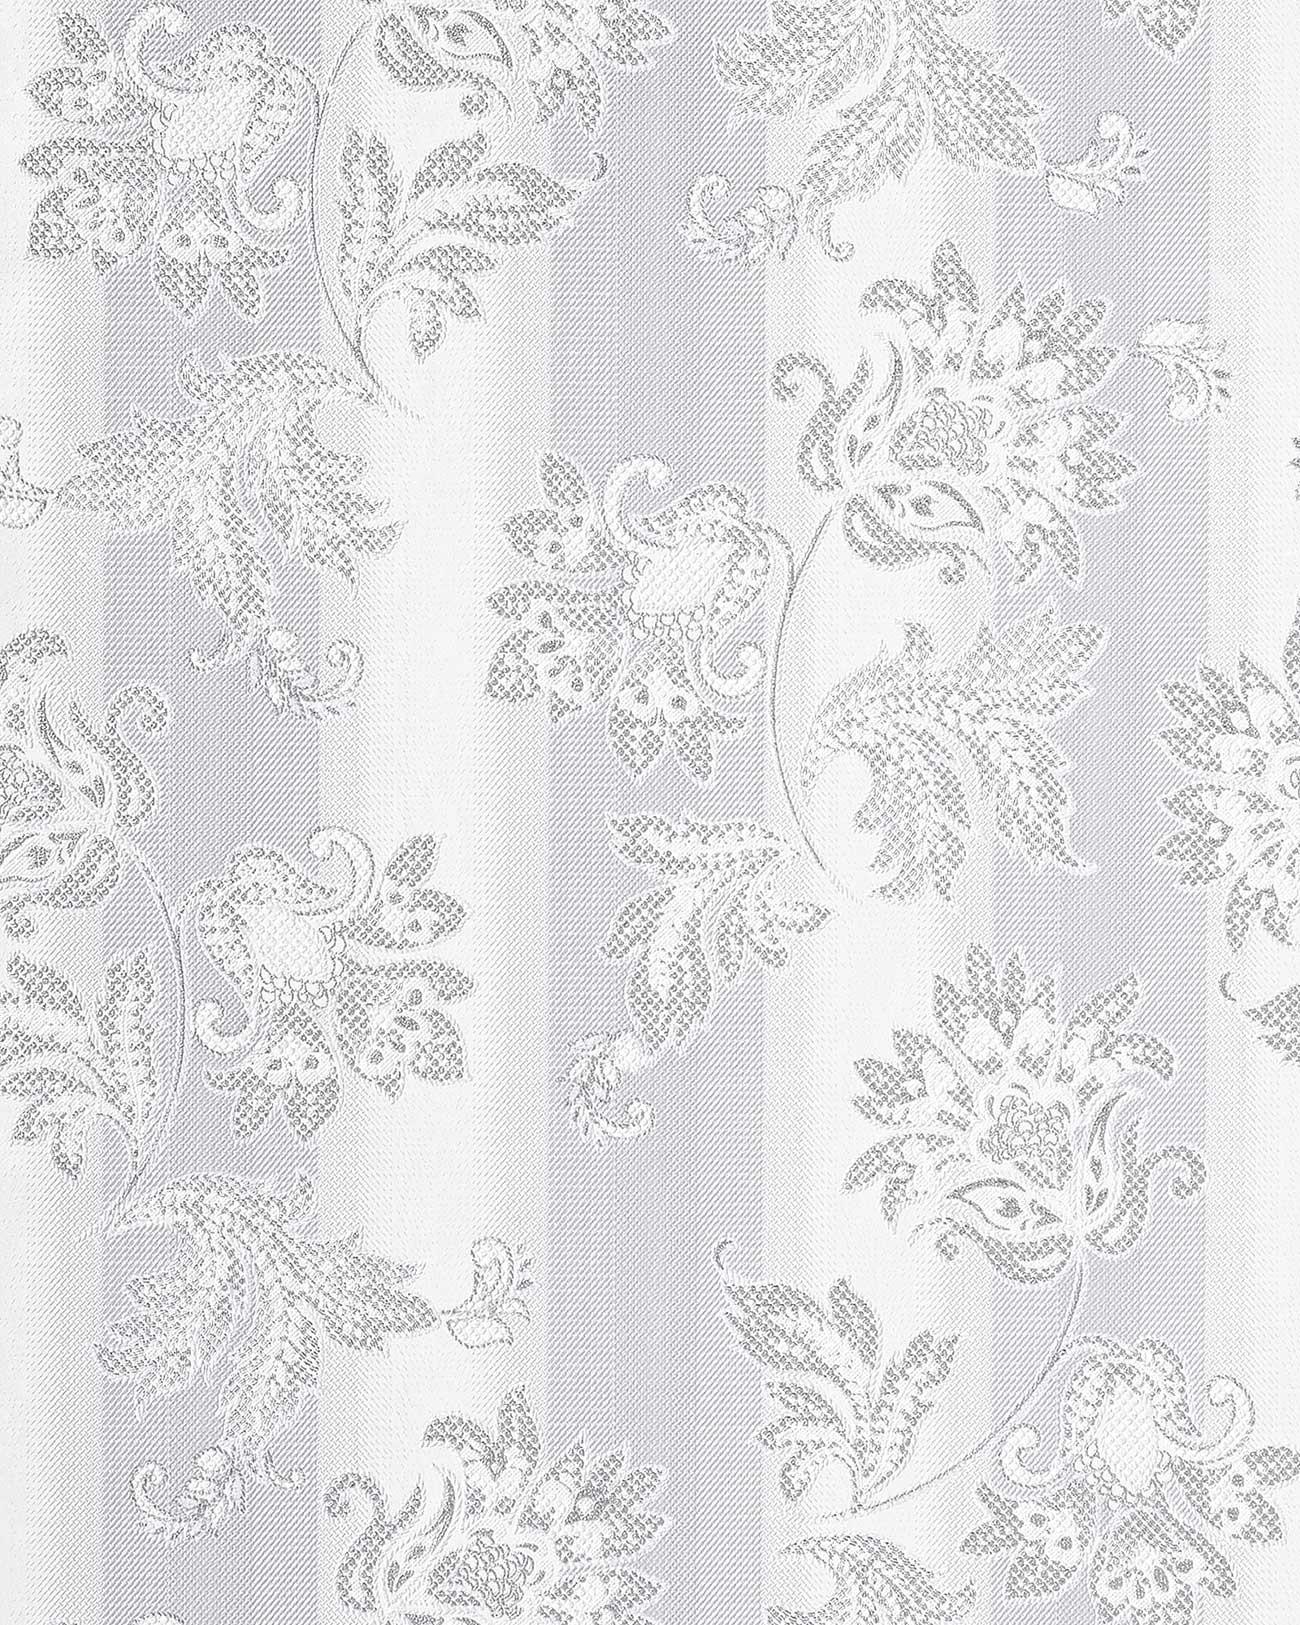 Papier peint en vinyle design motif floral edem 084 20 fleurs baroque gris cl - Papier peint gris baroque ...